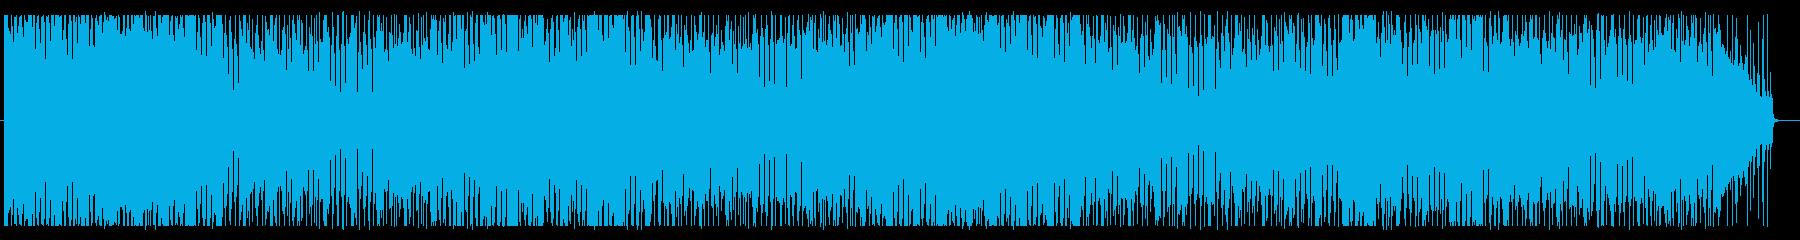 ロック リラックス 楽しいの再生済みの波形